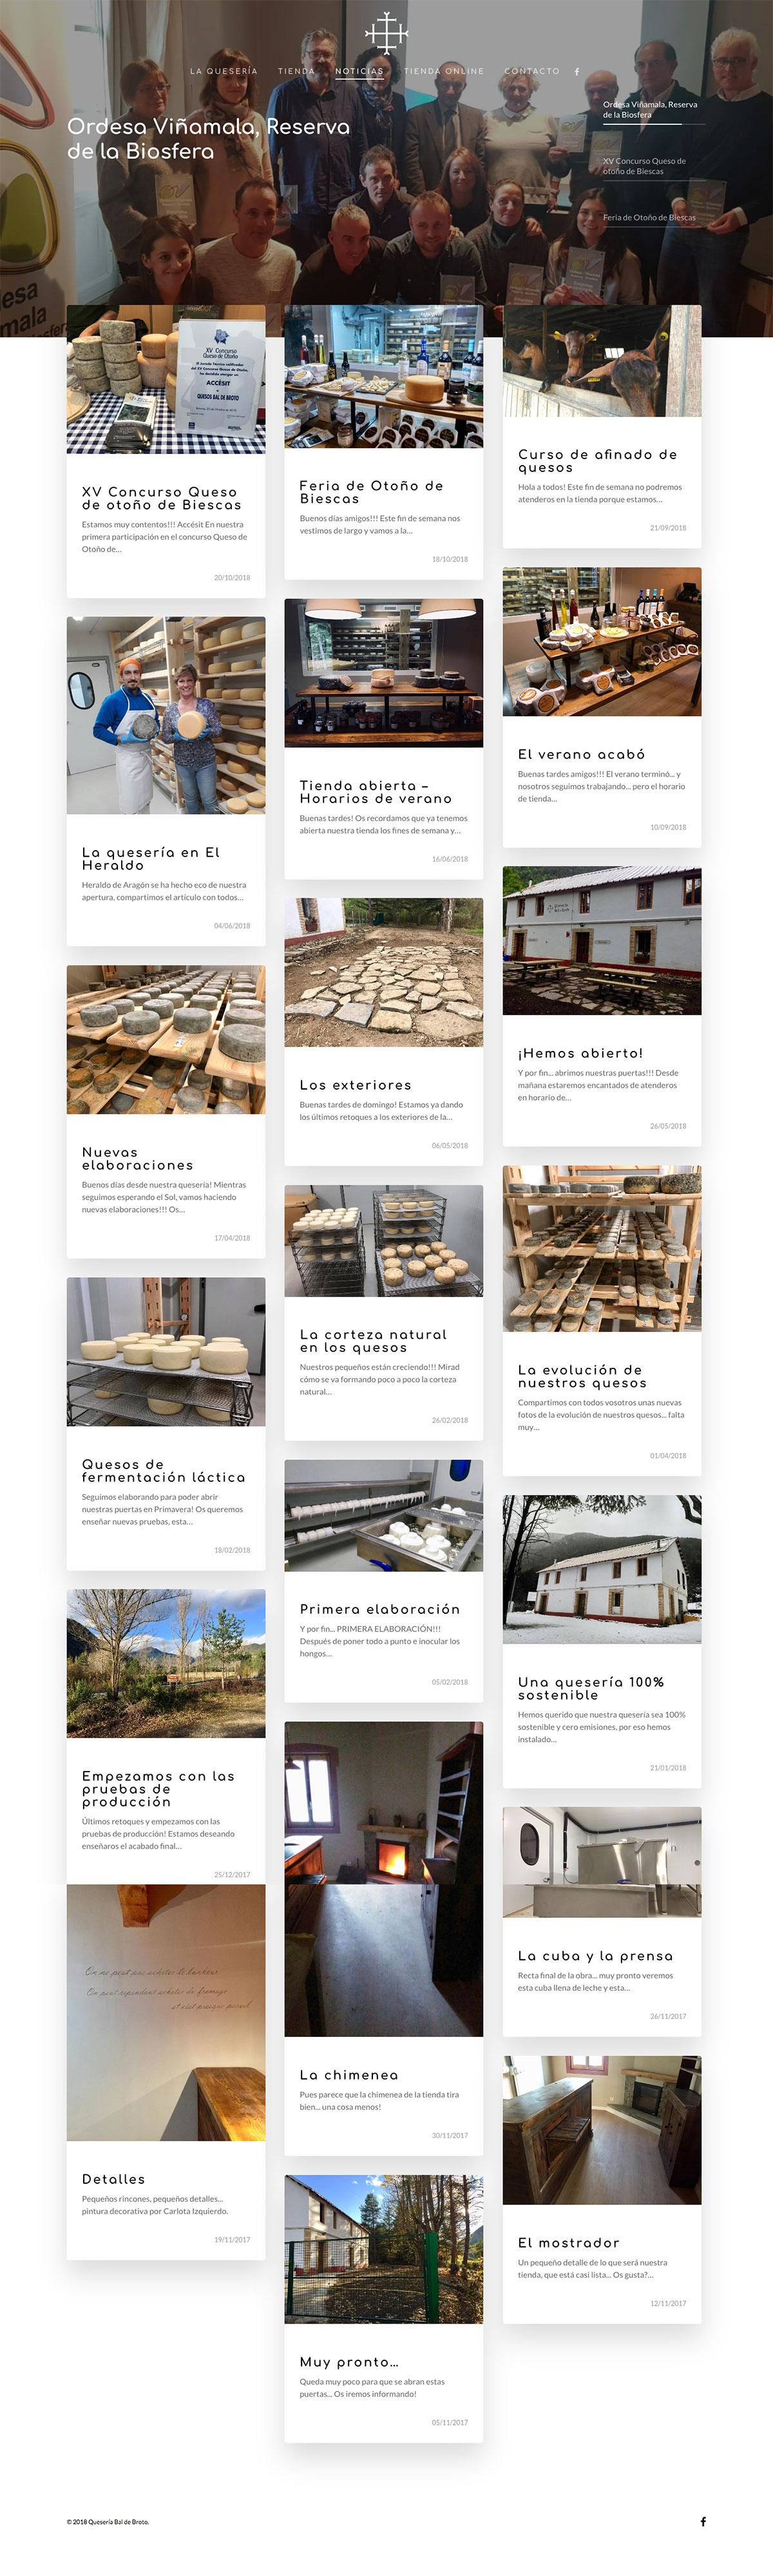 Quesos Bal de Broto ★ Quesería Artesana ★ Website